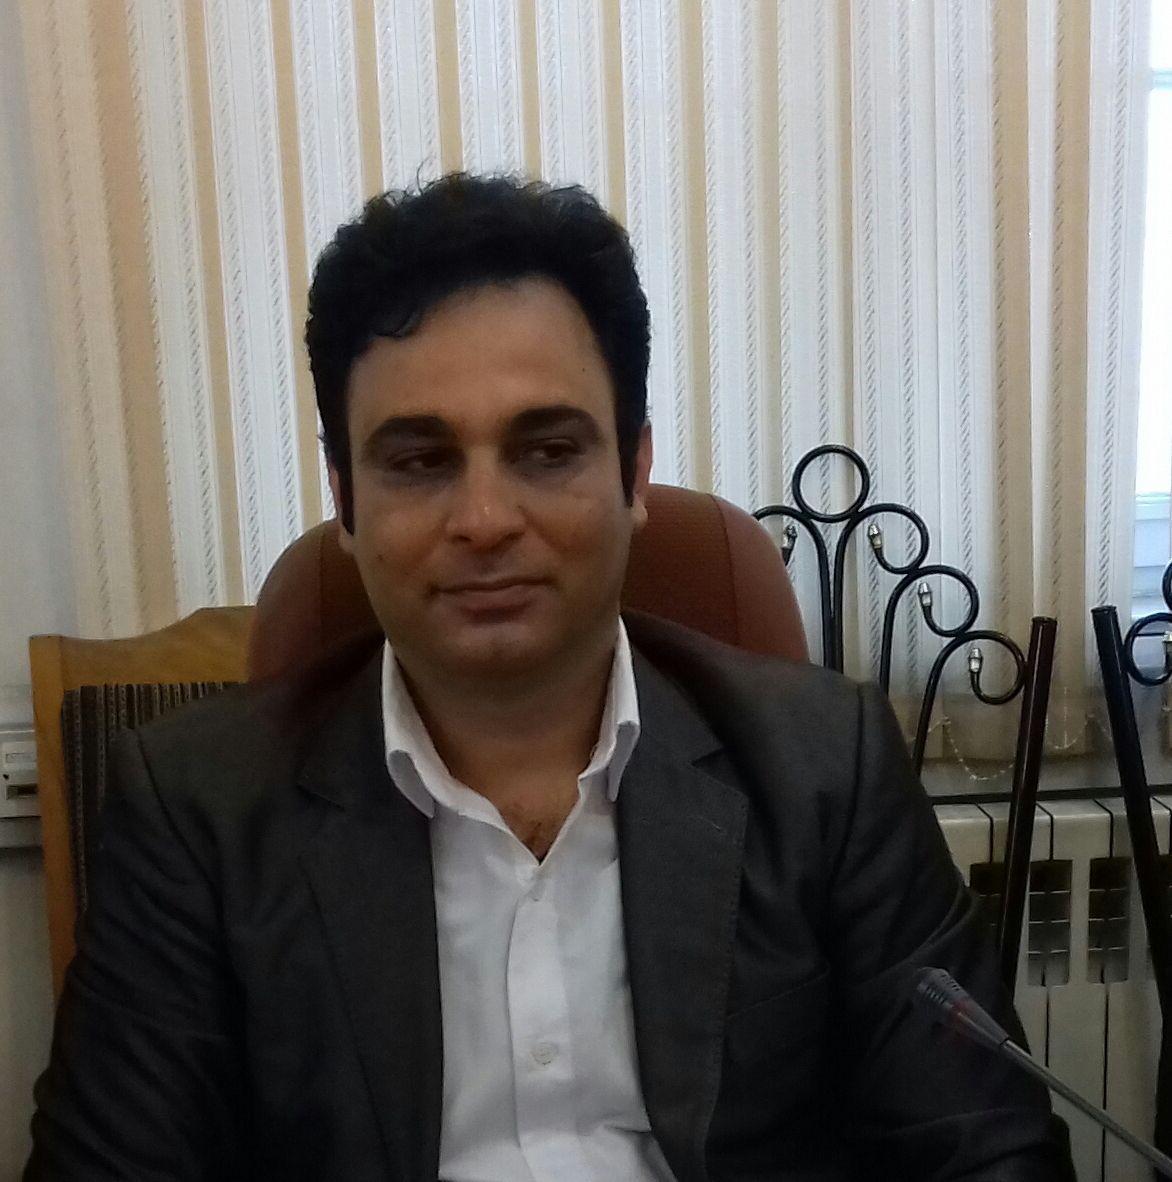 حسین منکوئی یکی از گزینه ها ، بعنوان مشاور رسانه ای و فرهنگی شرکت سهامی آب منطقه ای استان گیلان می باشد